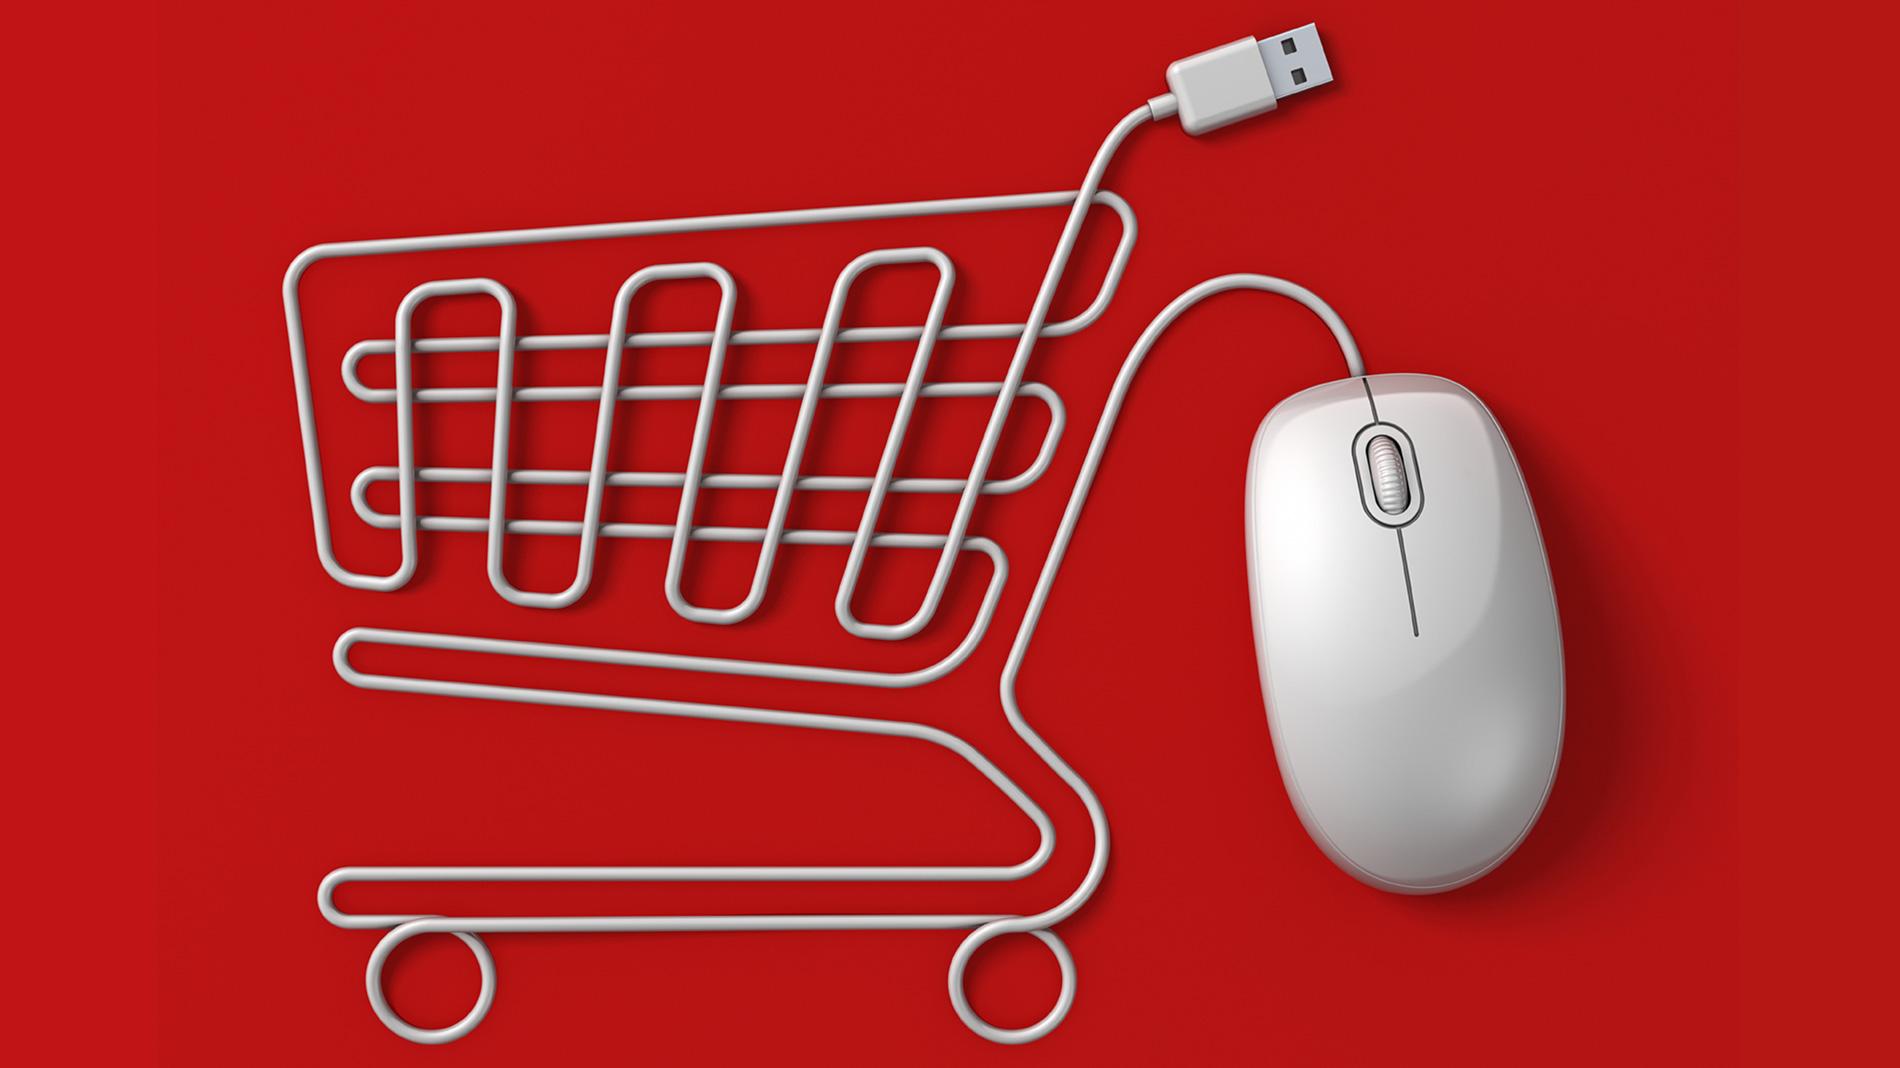 Каждый 8-й китаец покупает что-то в интернете! ФОто Молодые китайцы принимают вестернизацию с распростертыми объятиями! Фото Китайские шопоголики в действии! Фото img12.nnm.me